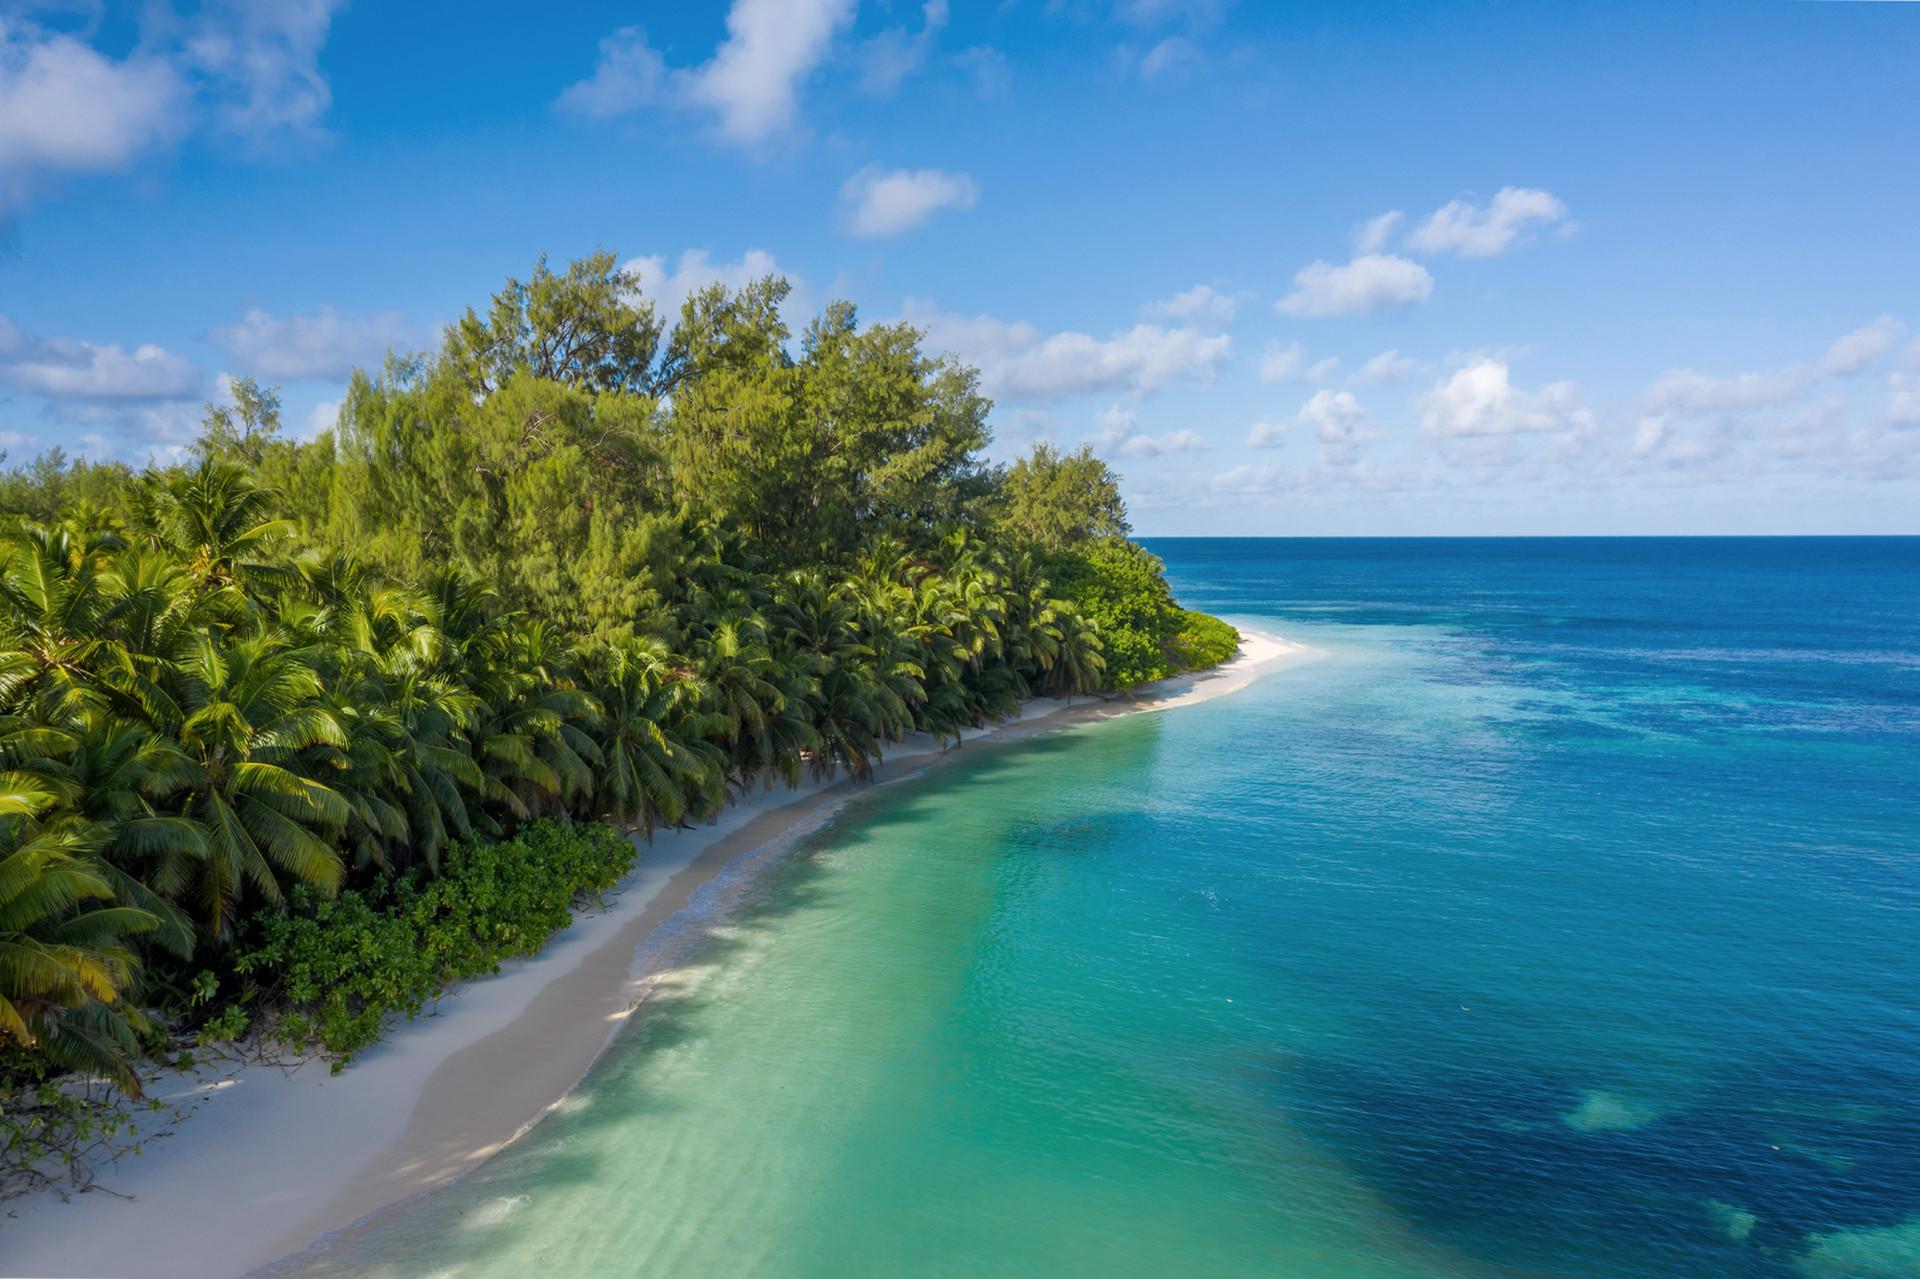 14 км білосніжних пляжів навколо острова